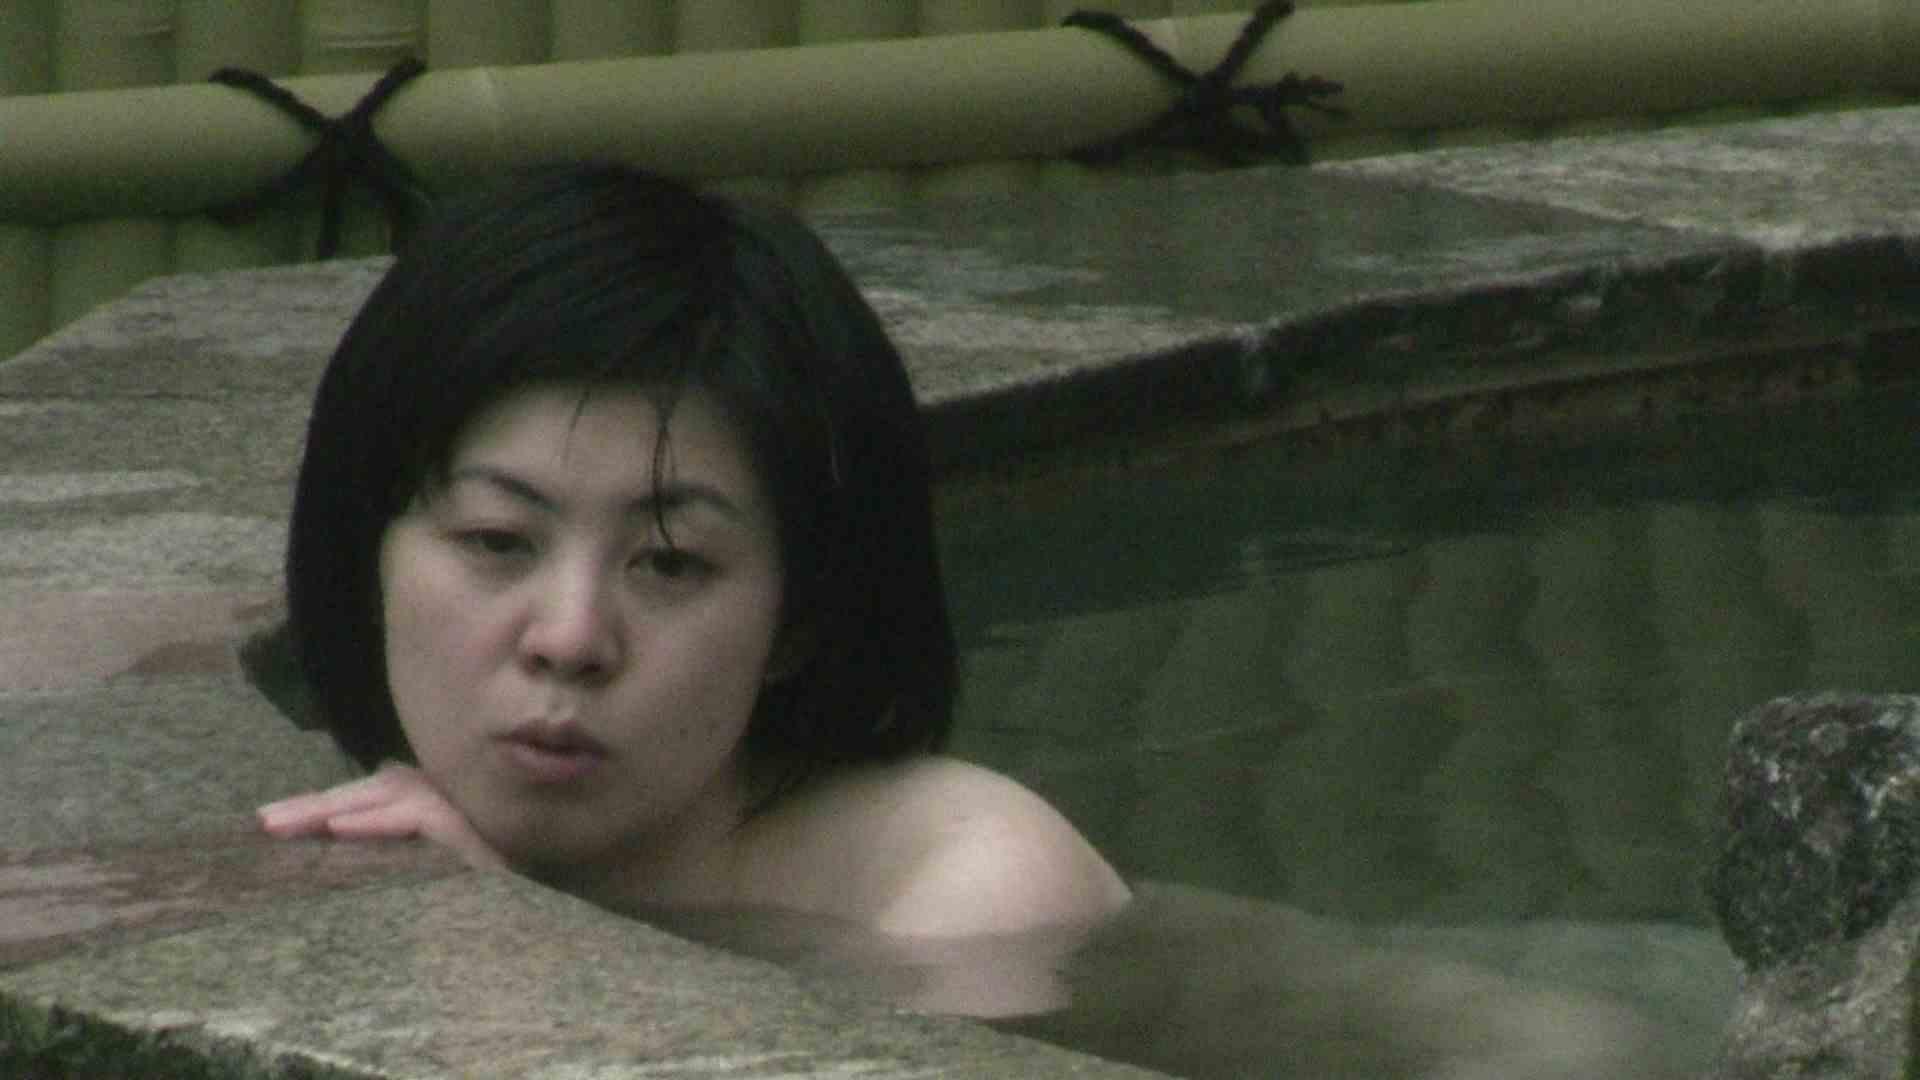 Aquaな露天風呂Vol.685 0  60pic 38